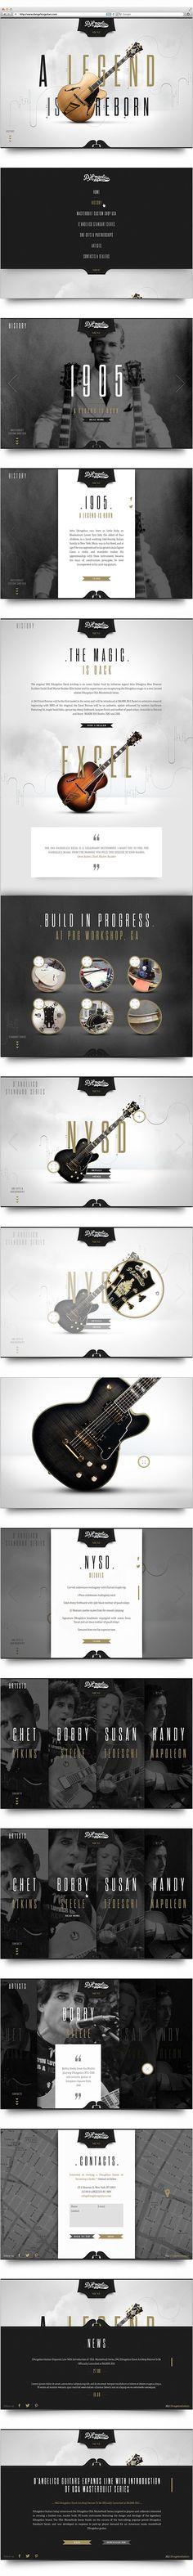 UI, UX, Website, App / D'Angelico Guitars on Behance